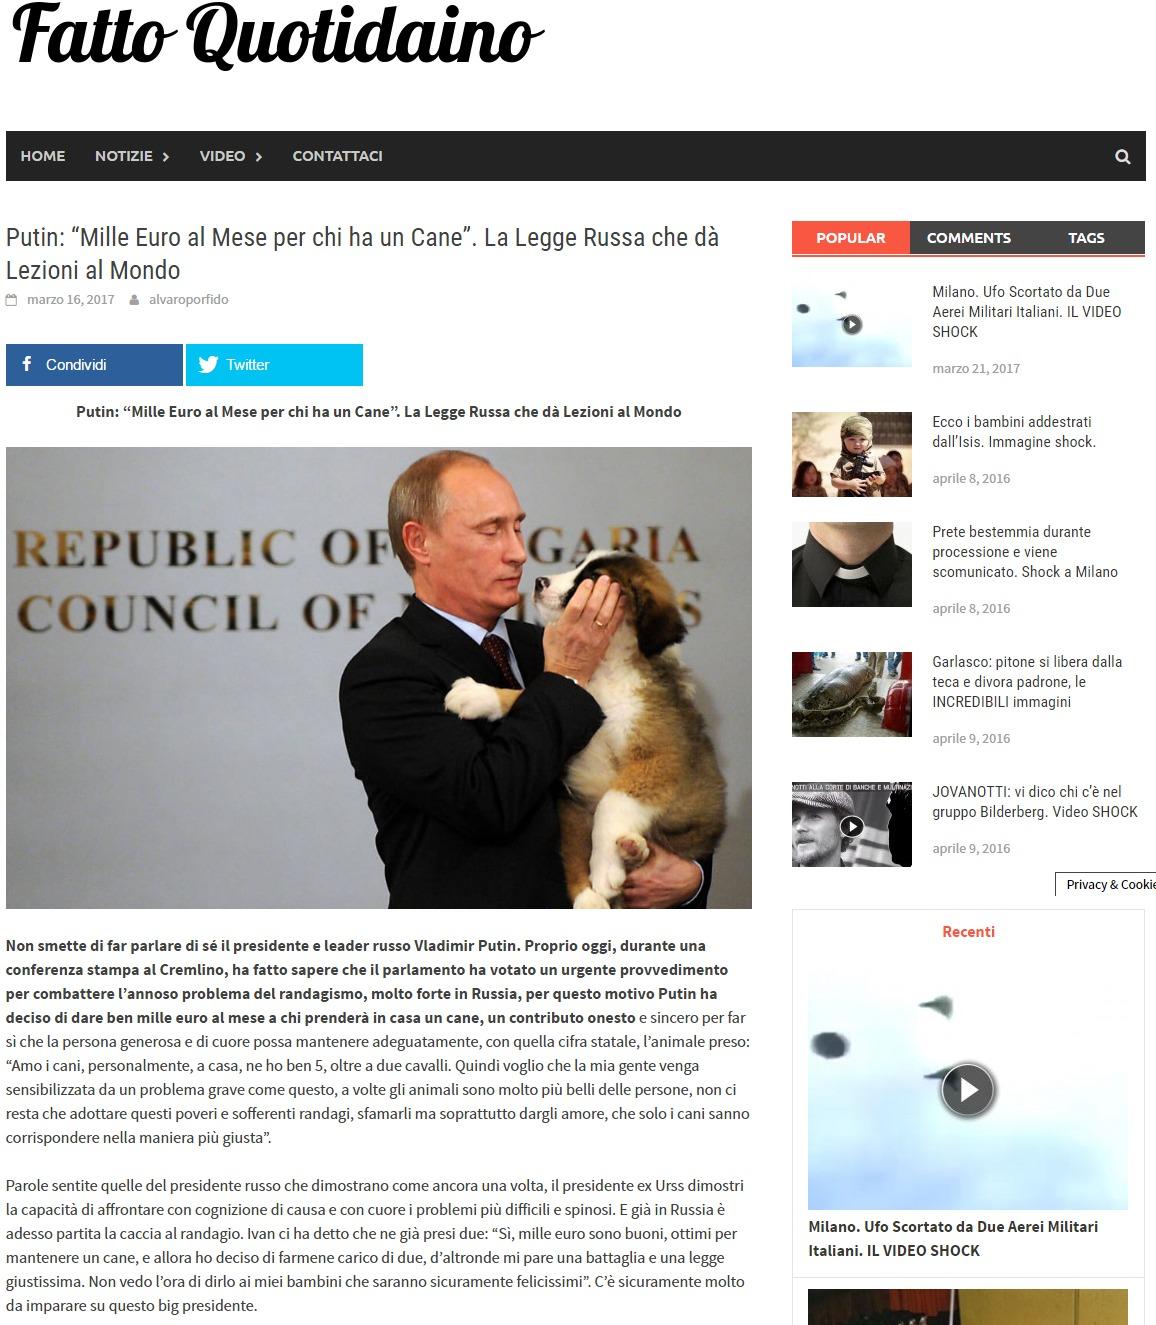 Mille Euro al Mese per chi ha un Cane. La Legge Russa che dà Lezioni al Mondo 1